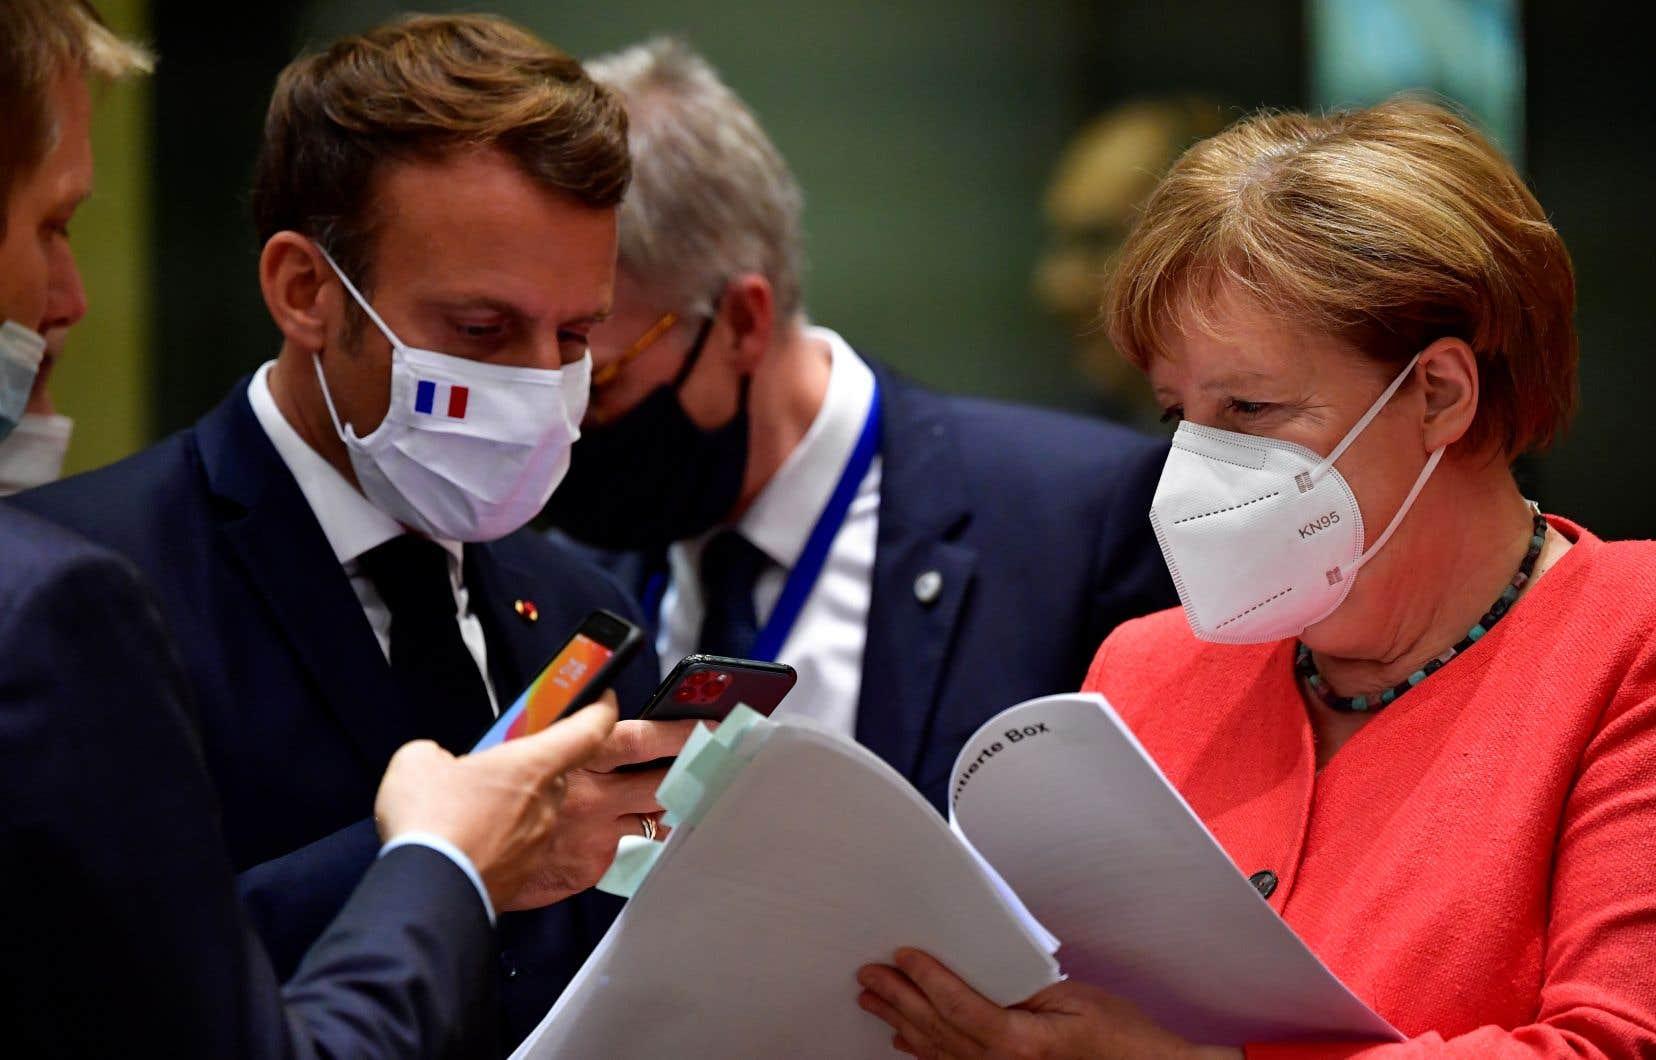 Les tensions étaient palpables entre le couple franco-allemand, Emmanuel Macron et Angela Merkel (notre photo), d'un côté et les pays dit «frugaux» de l'autre.